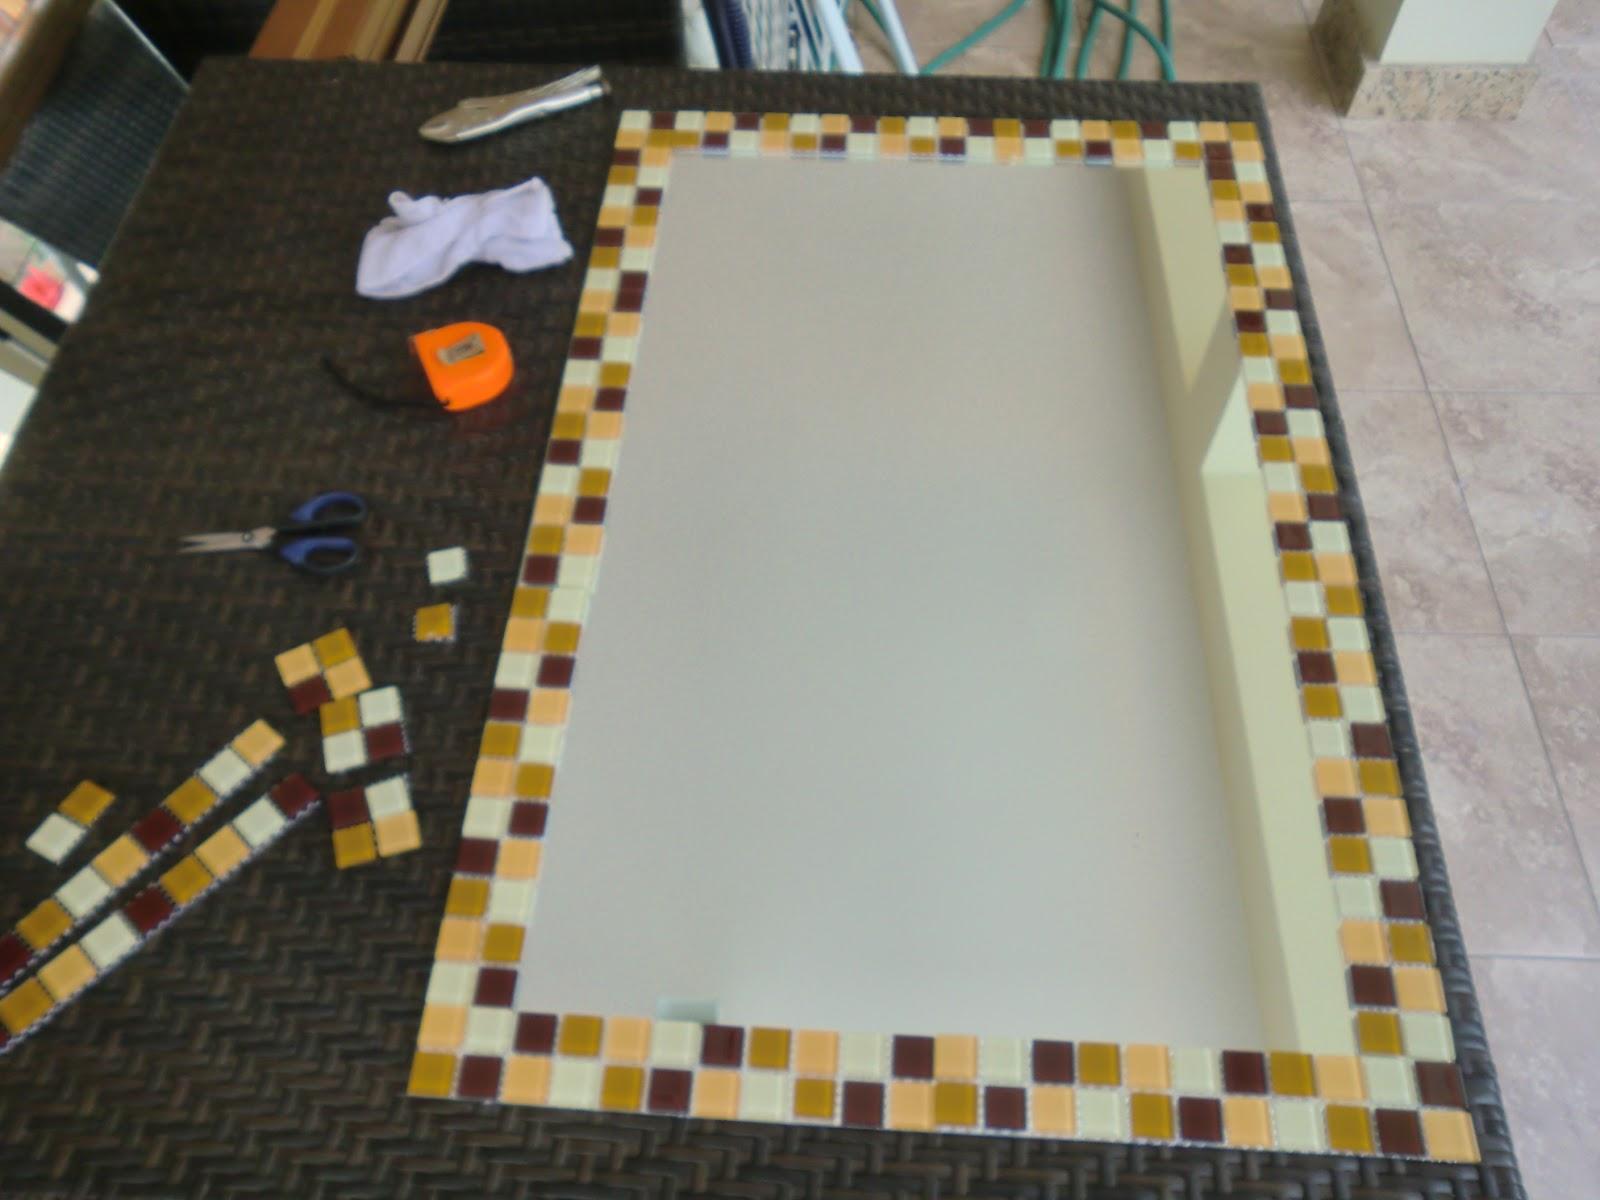 passo do Espelho Decorado com Pastilha de Vidro Casa e Reforma #A16B2A 1600x1200 Banheiro Com Pastilhas De Vidro Na Vertical